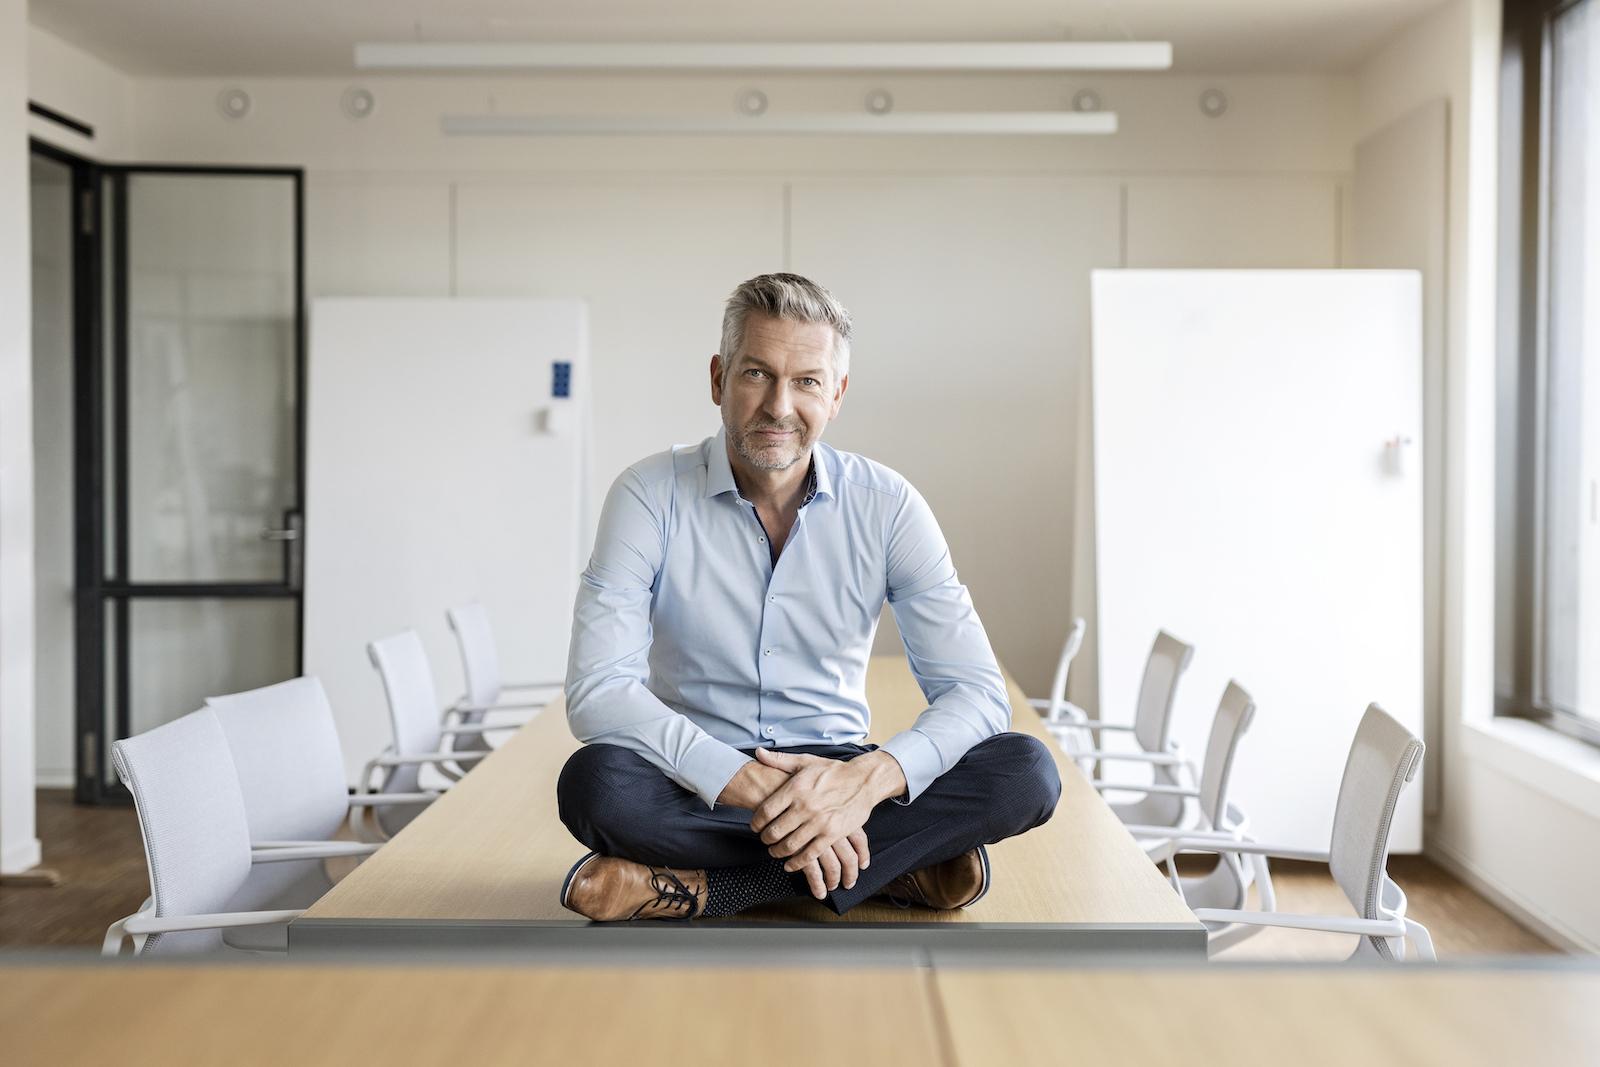 männliche Führungskraft allein auf dem Tisch sitzend in Meetingraum